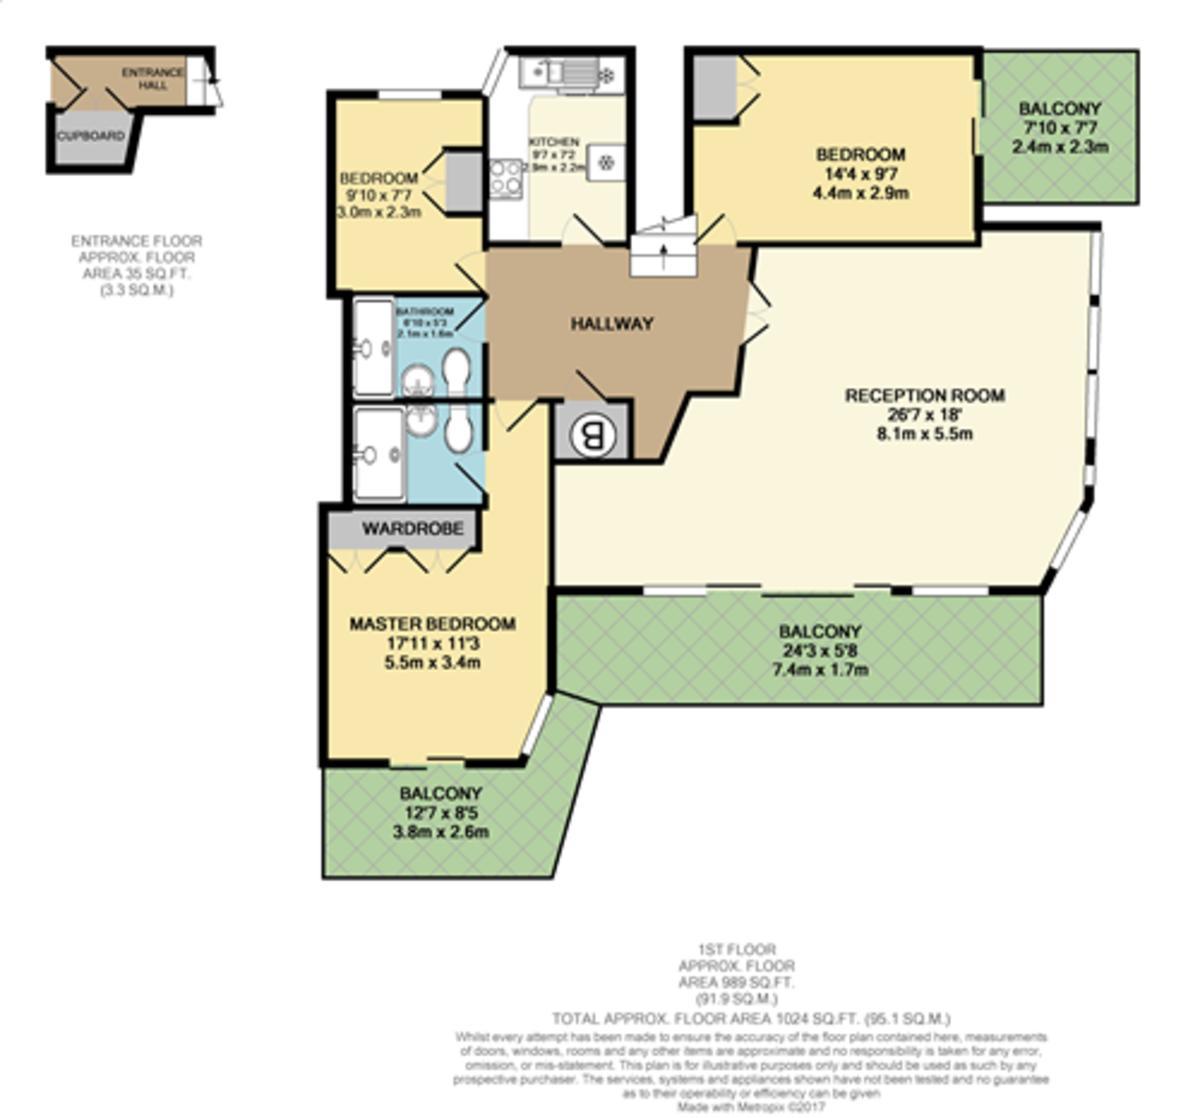 Sutton Mews, Mariners Court, Plymouth floorplan